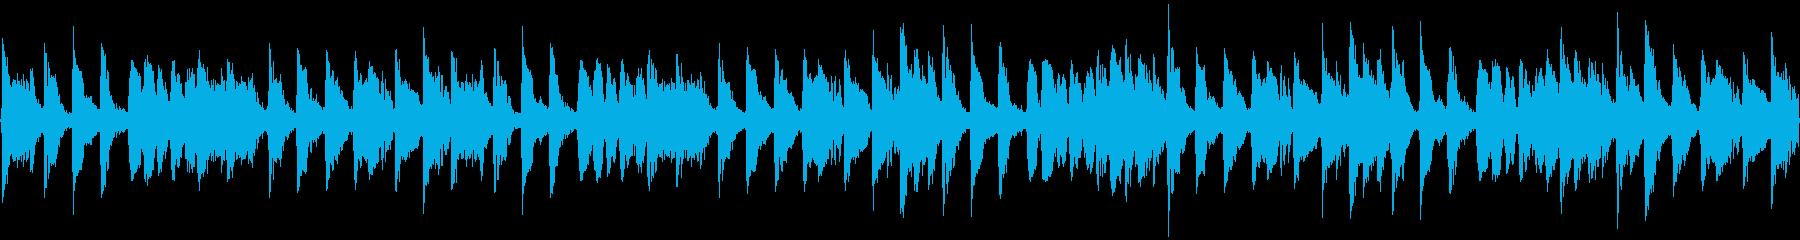 ジャズ(シンキングタイム)の再生済みの波形